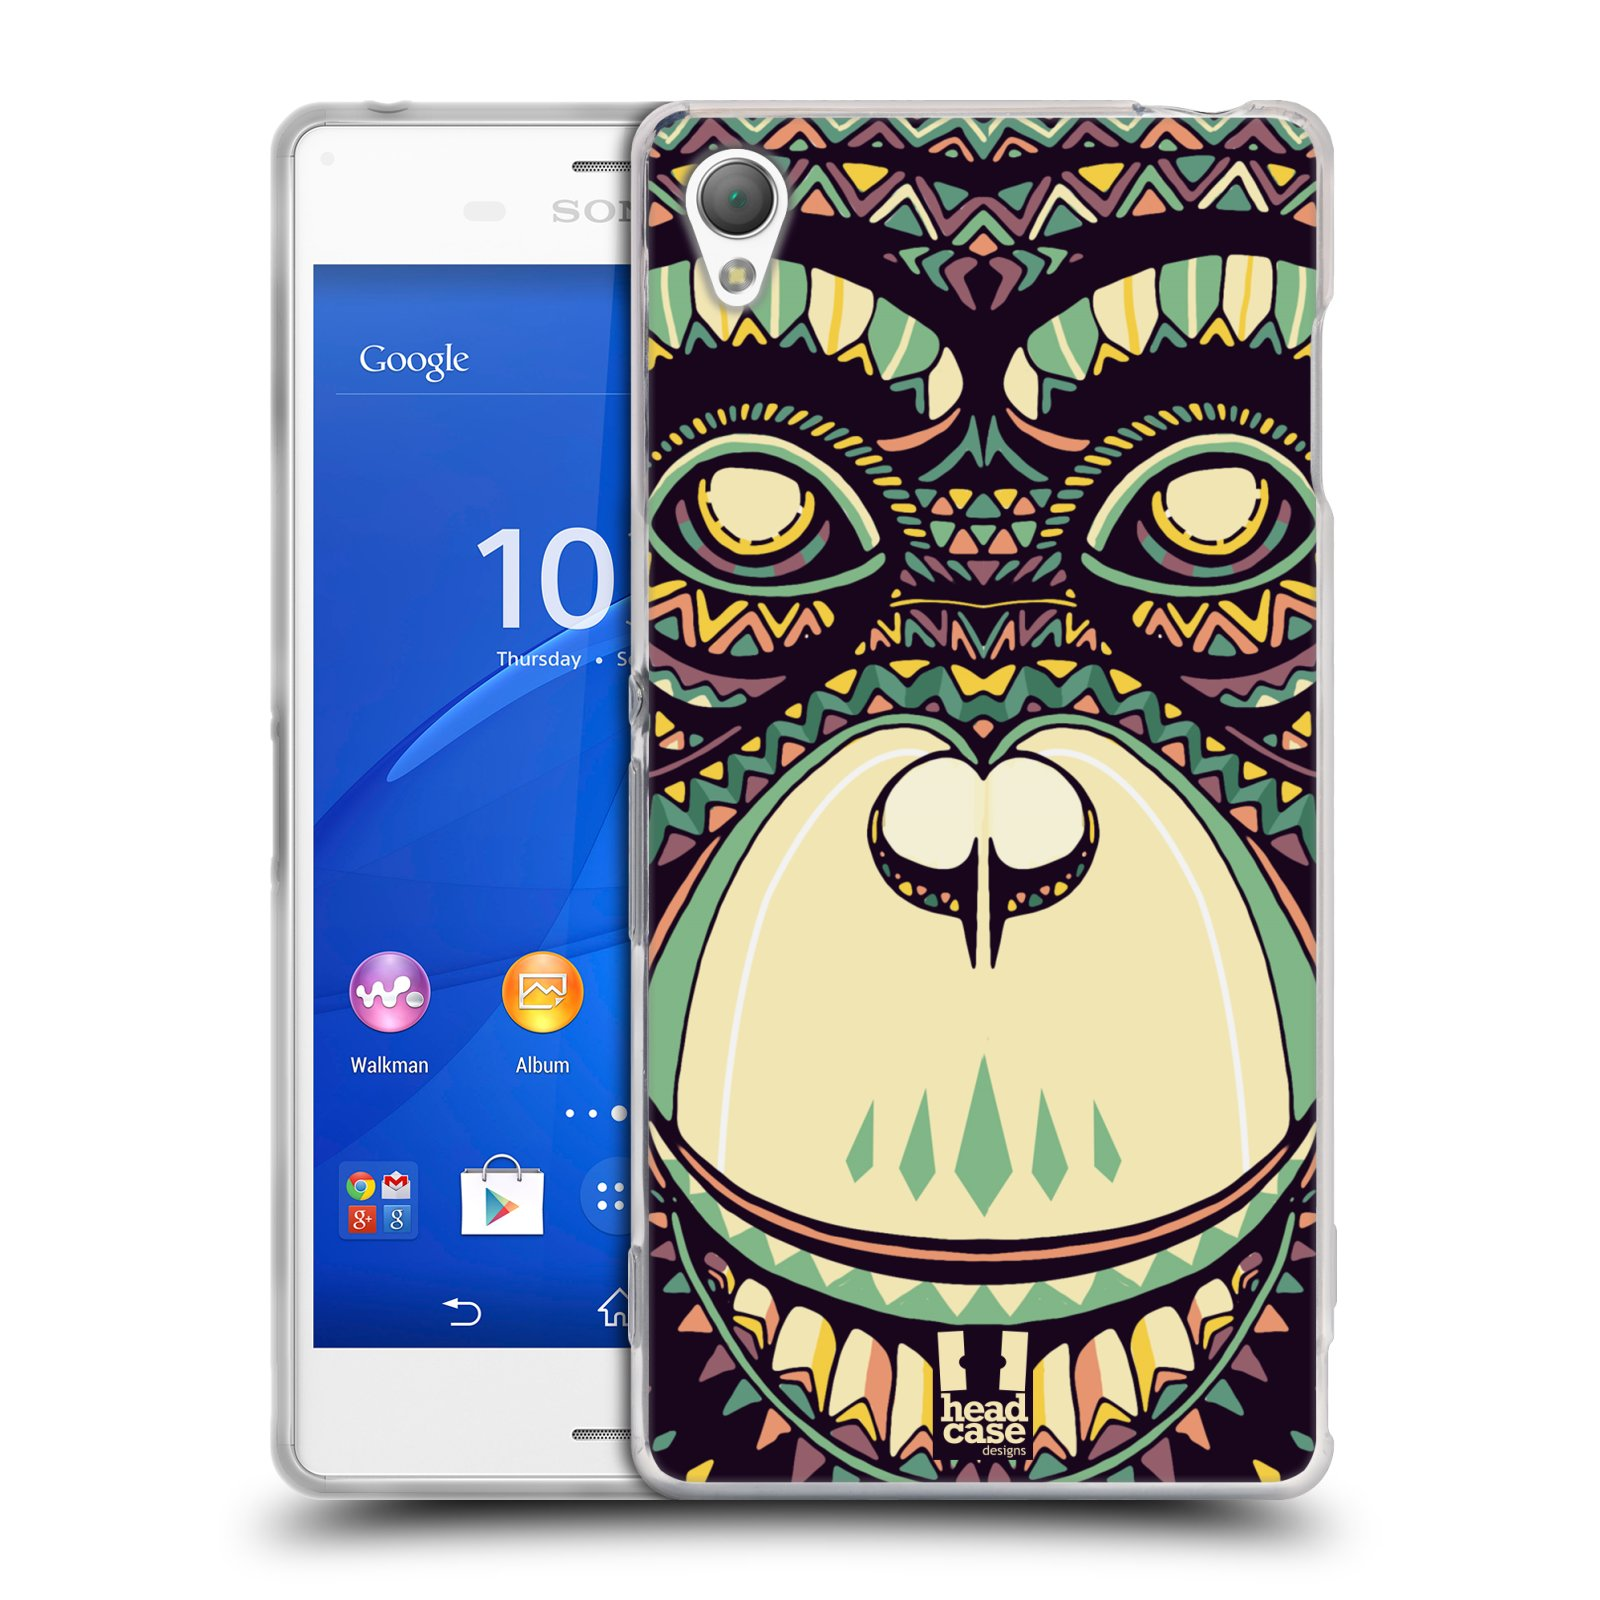 HEAD CASE silikonový obal na mobil Sony Xperia Z3 vzor Aztécký motiv zvíře 3 šimpanz